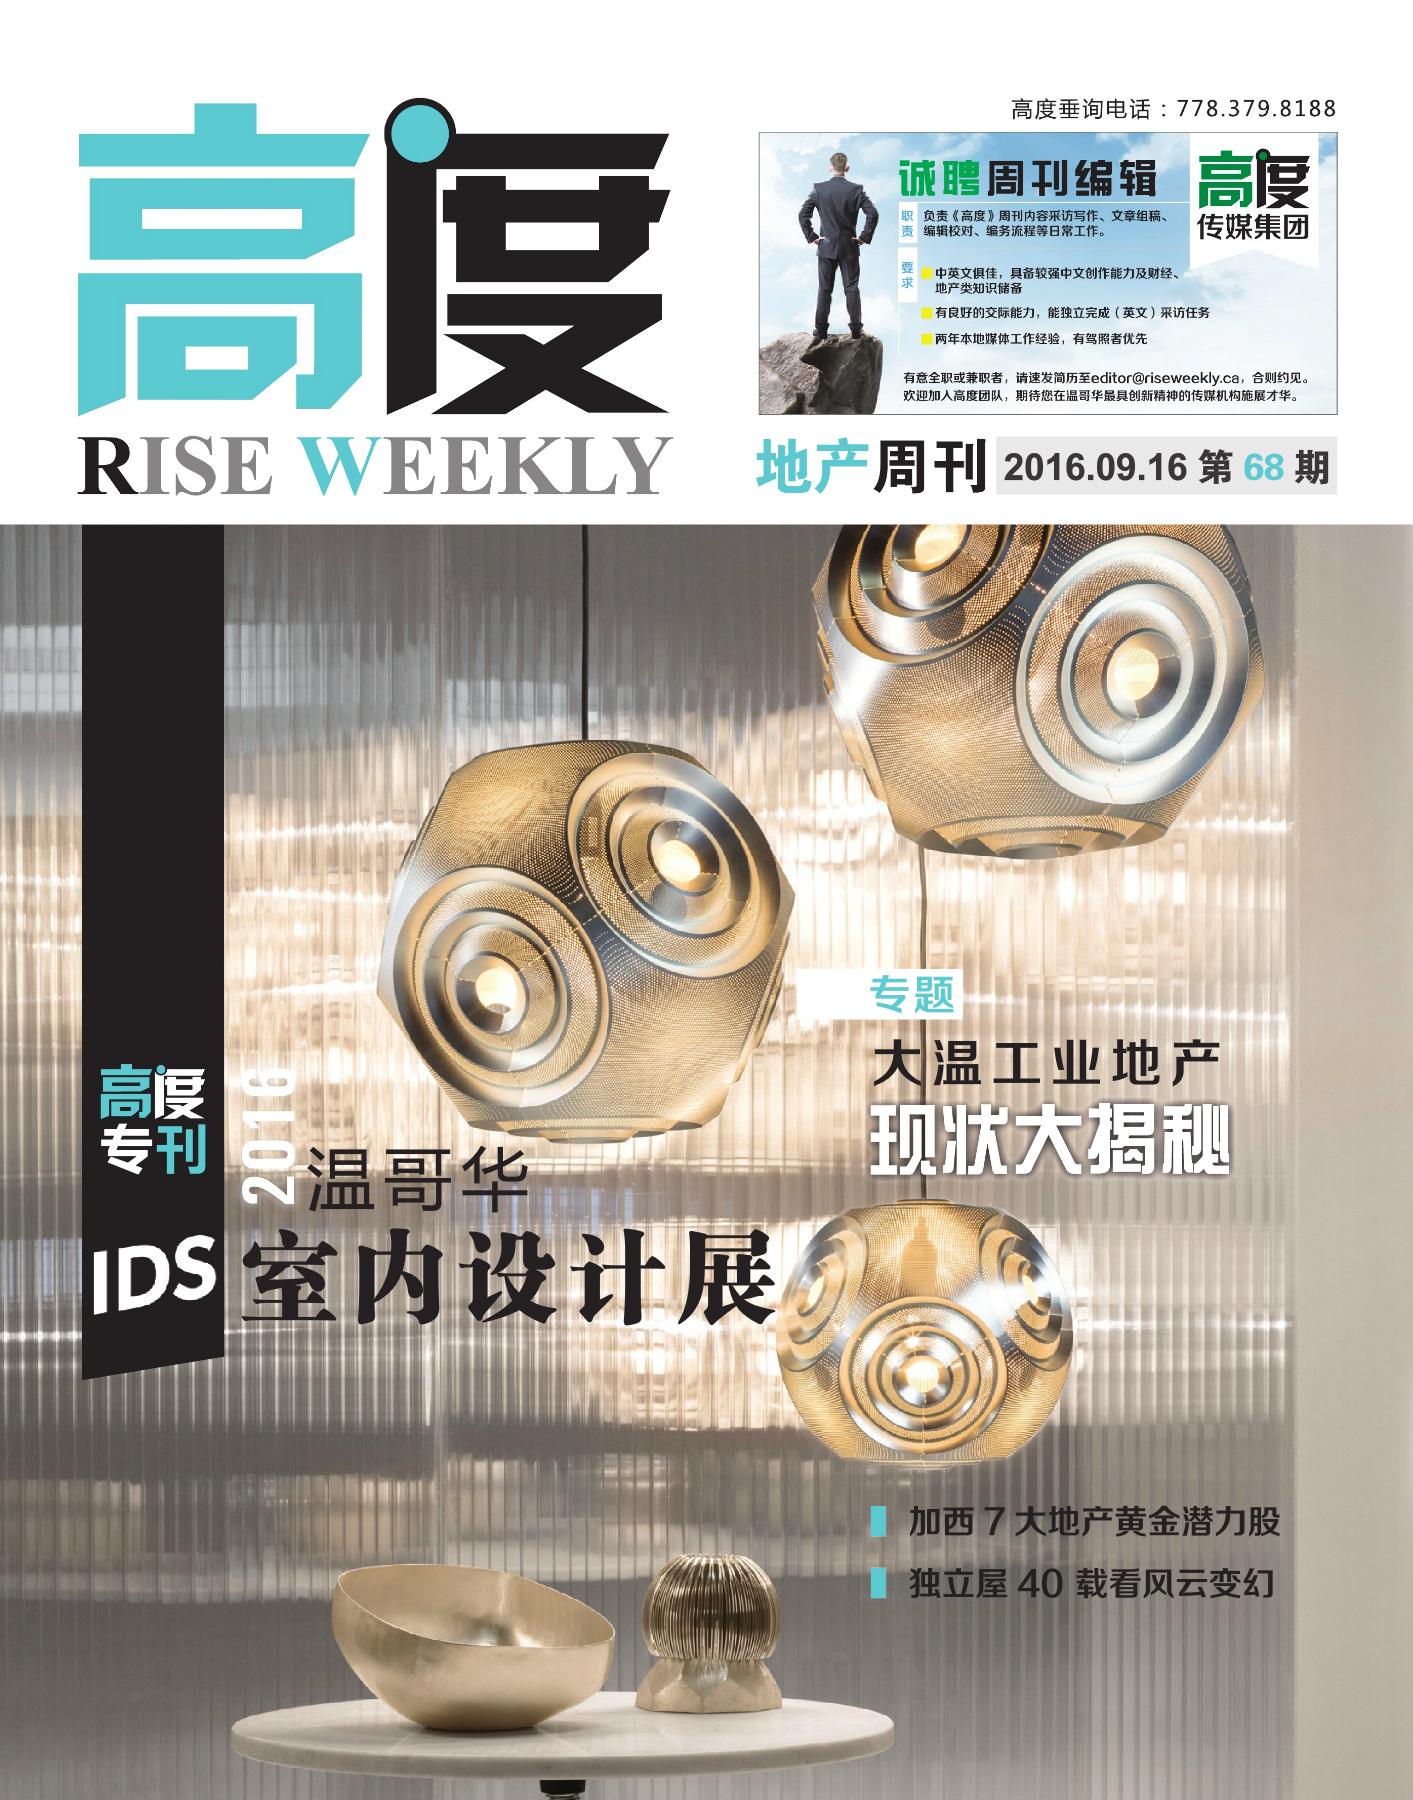 高度地产周刊 2016年09月16日 第68期